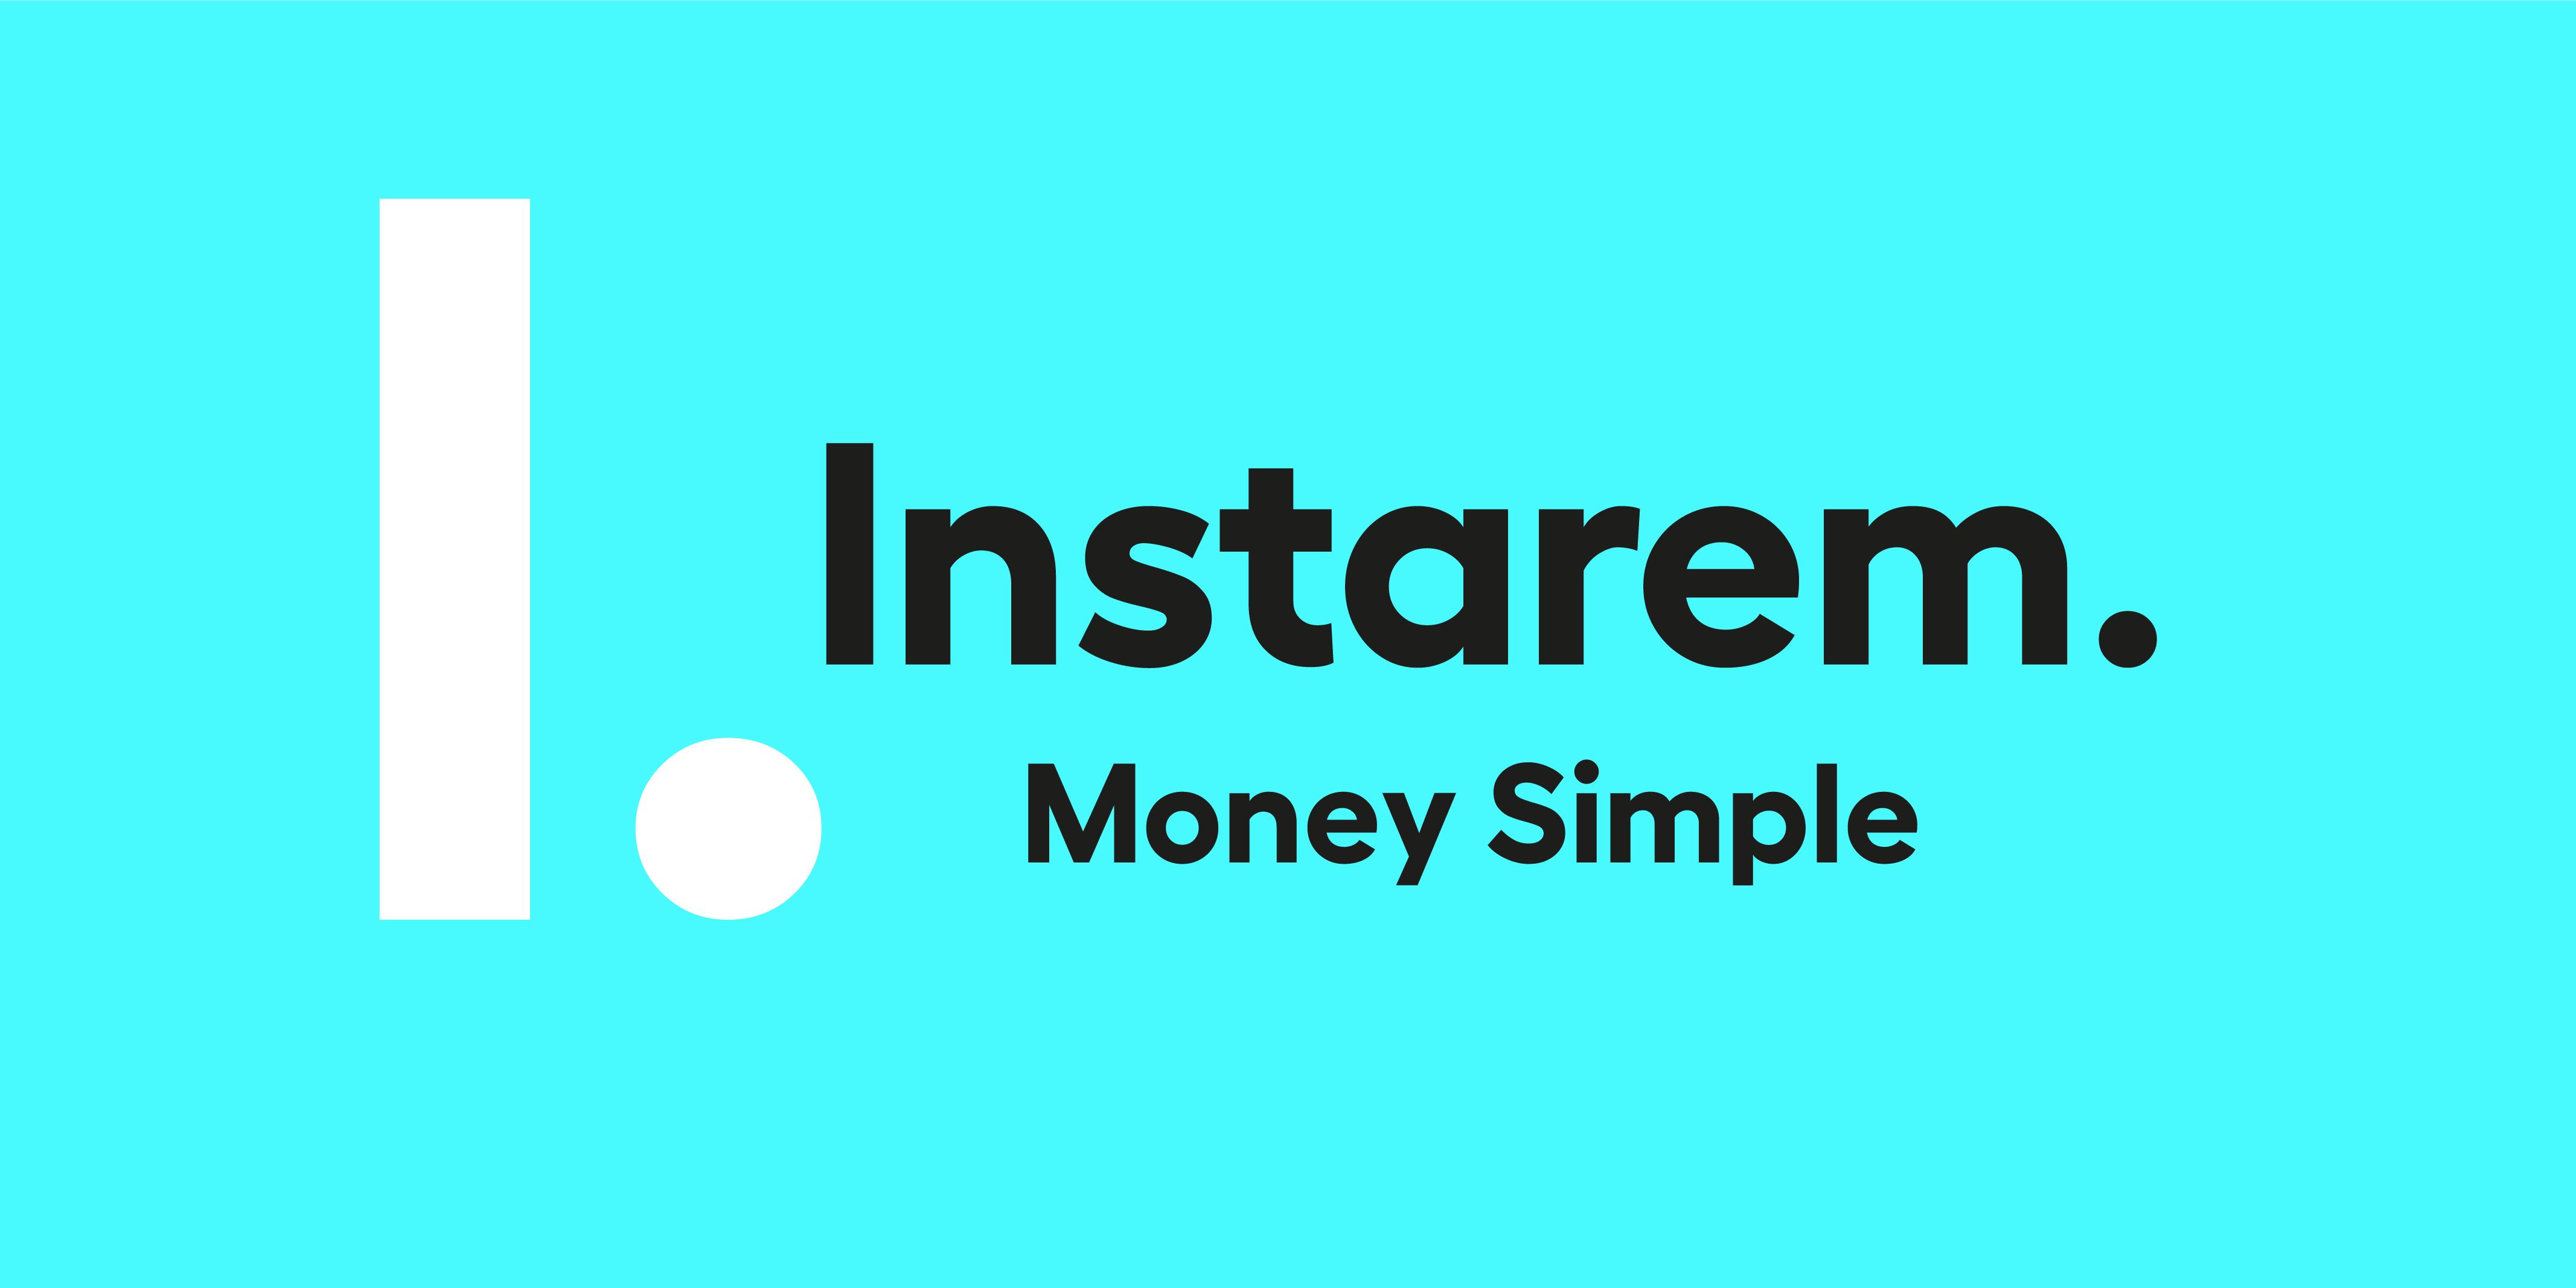 Transfer Money Overseas - International Money Transfer - Instarem